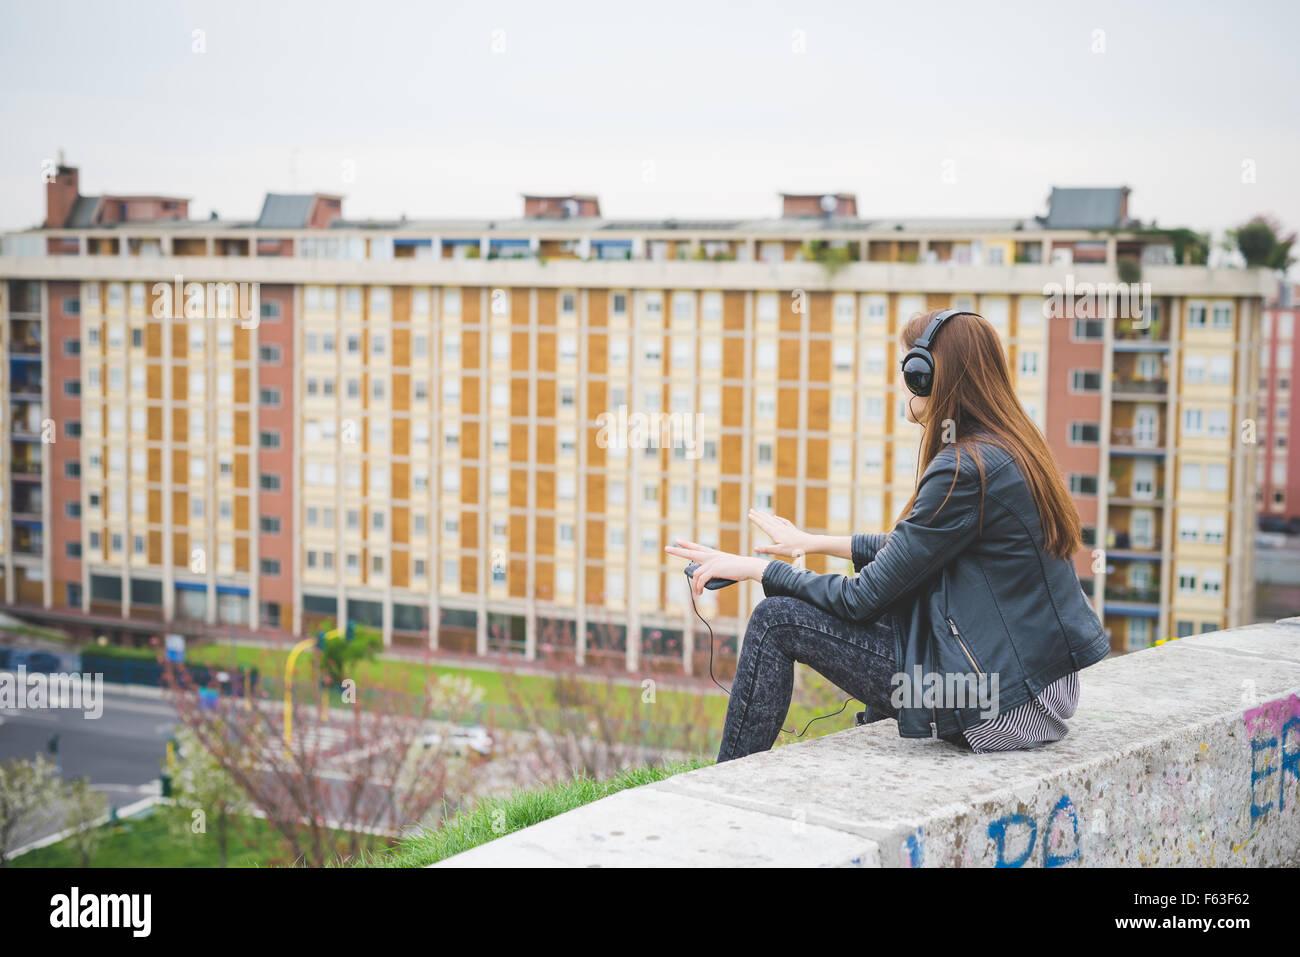 Musik hören schönen östlichen Brünette Mädchen sitzen auf einem kleinen wall in die Vororte Stockbild